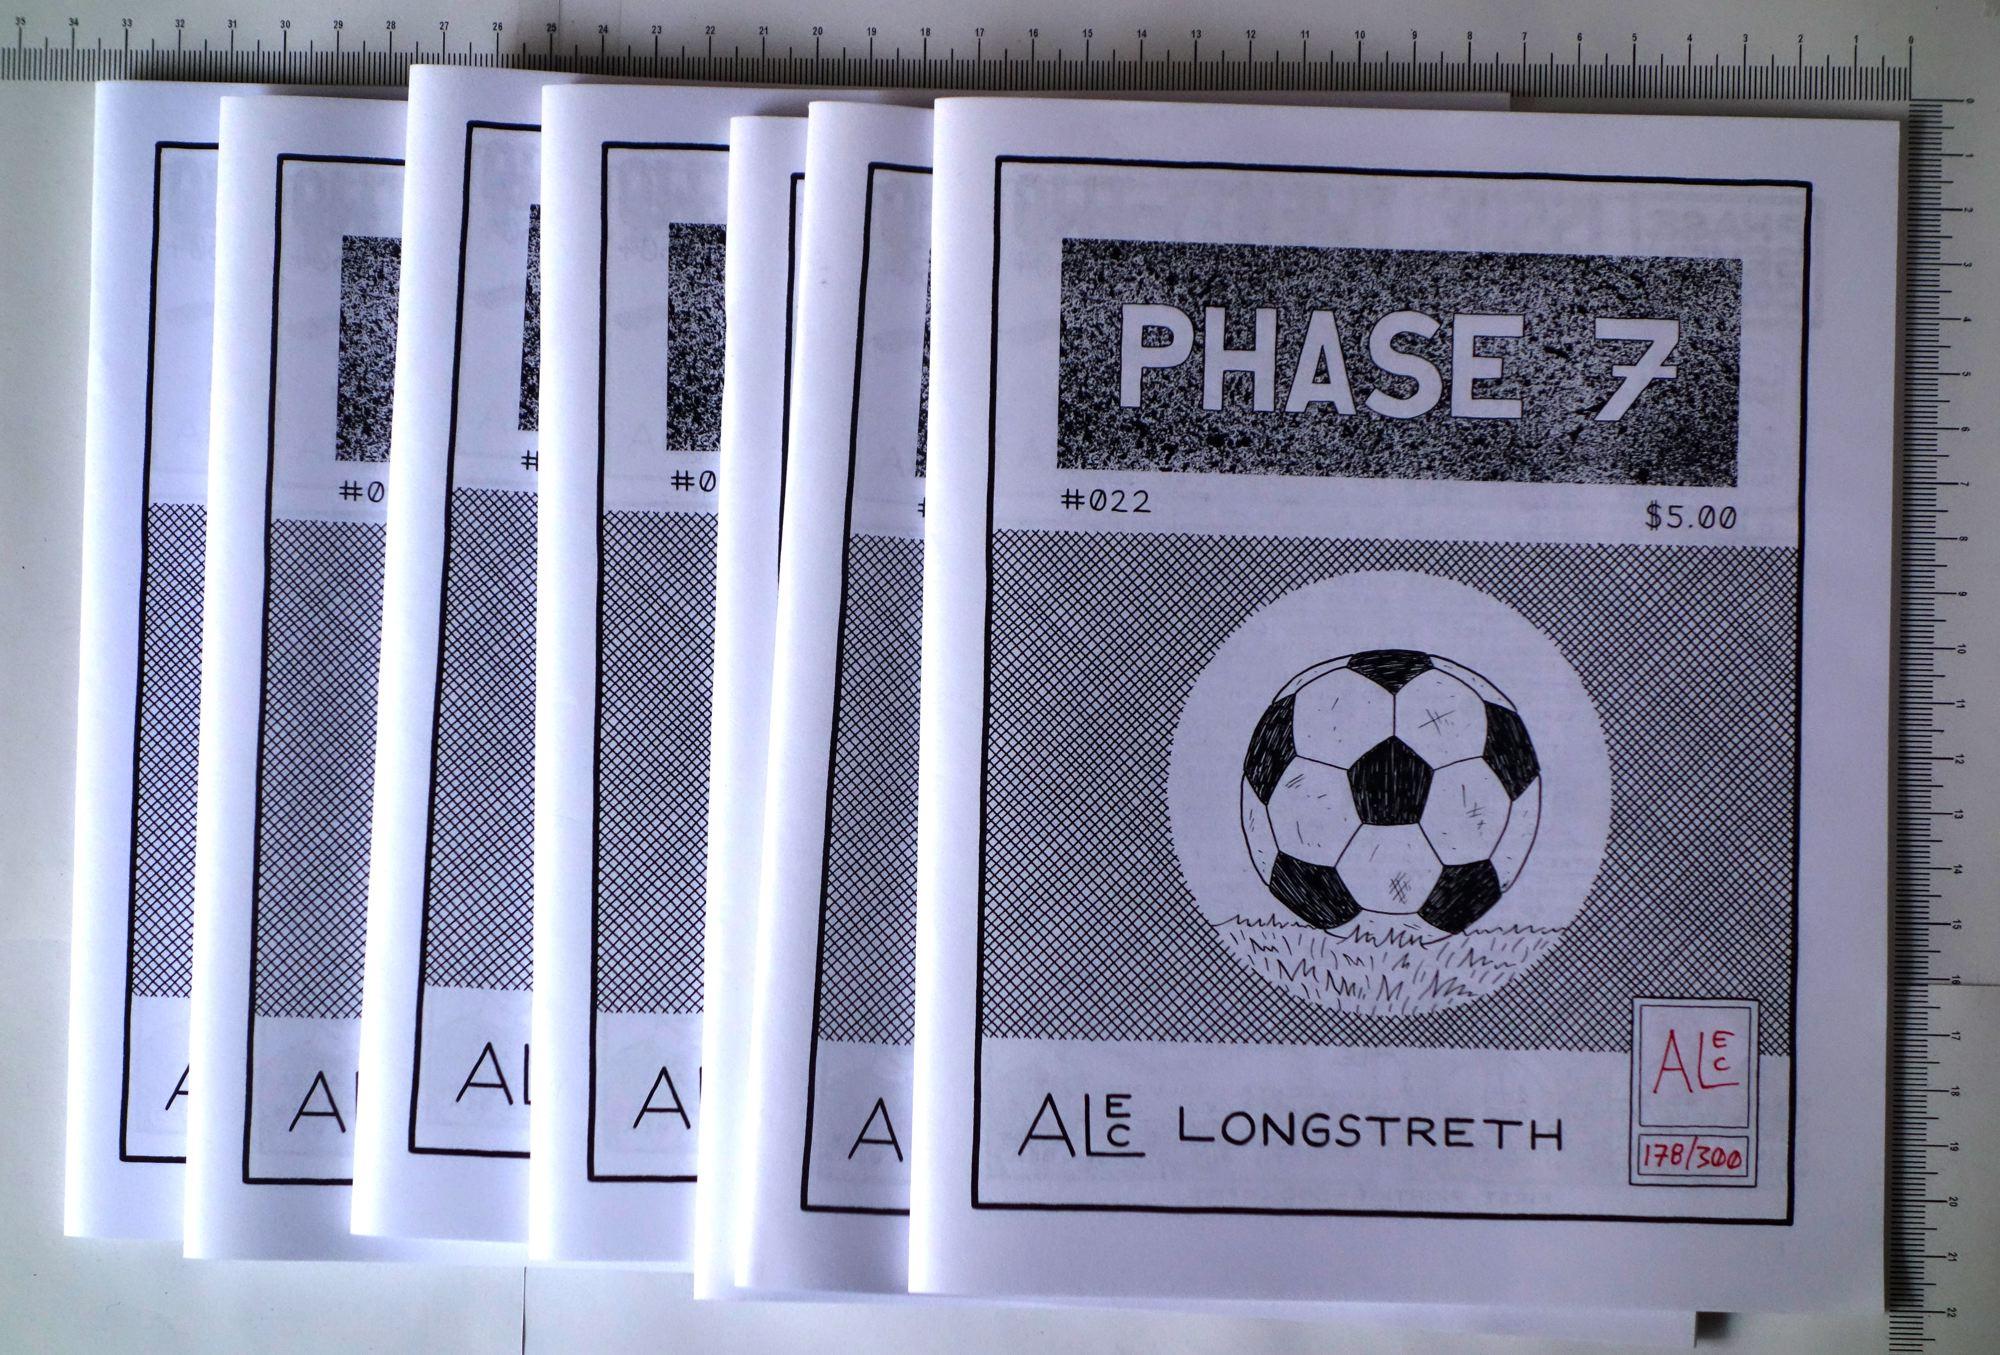 7 exemplaires de Phase 7